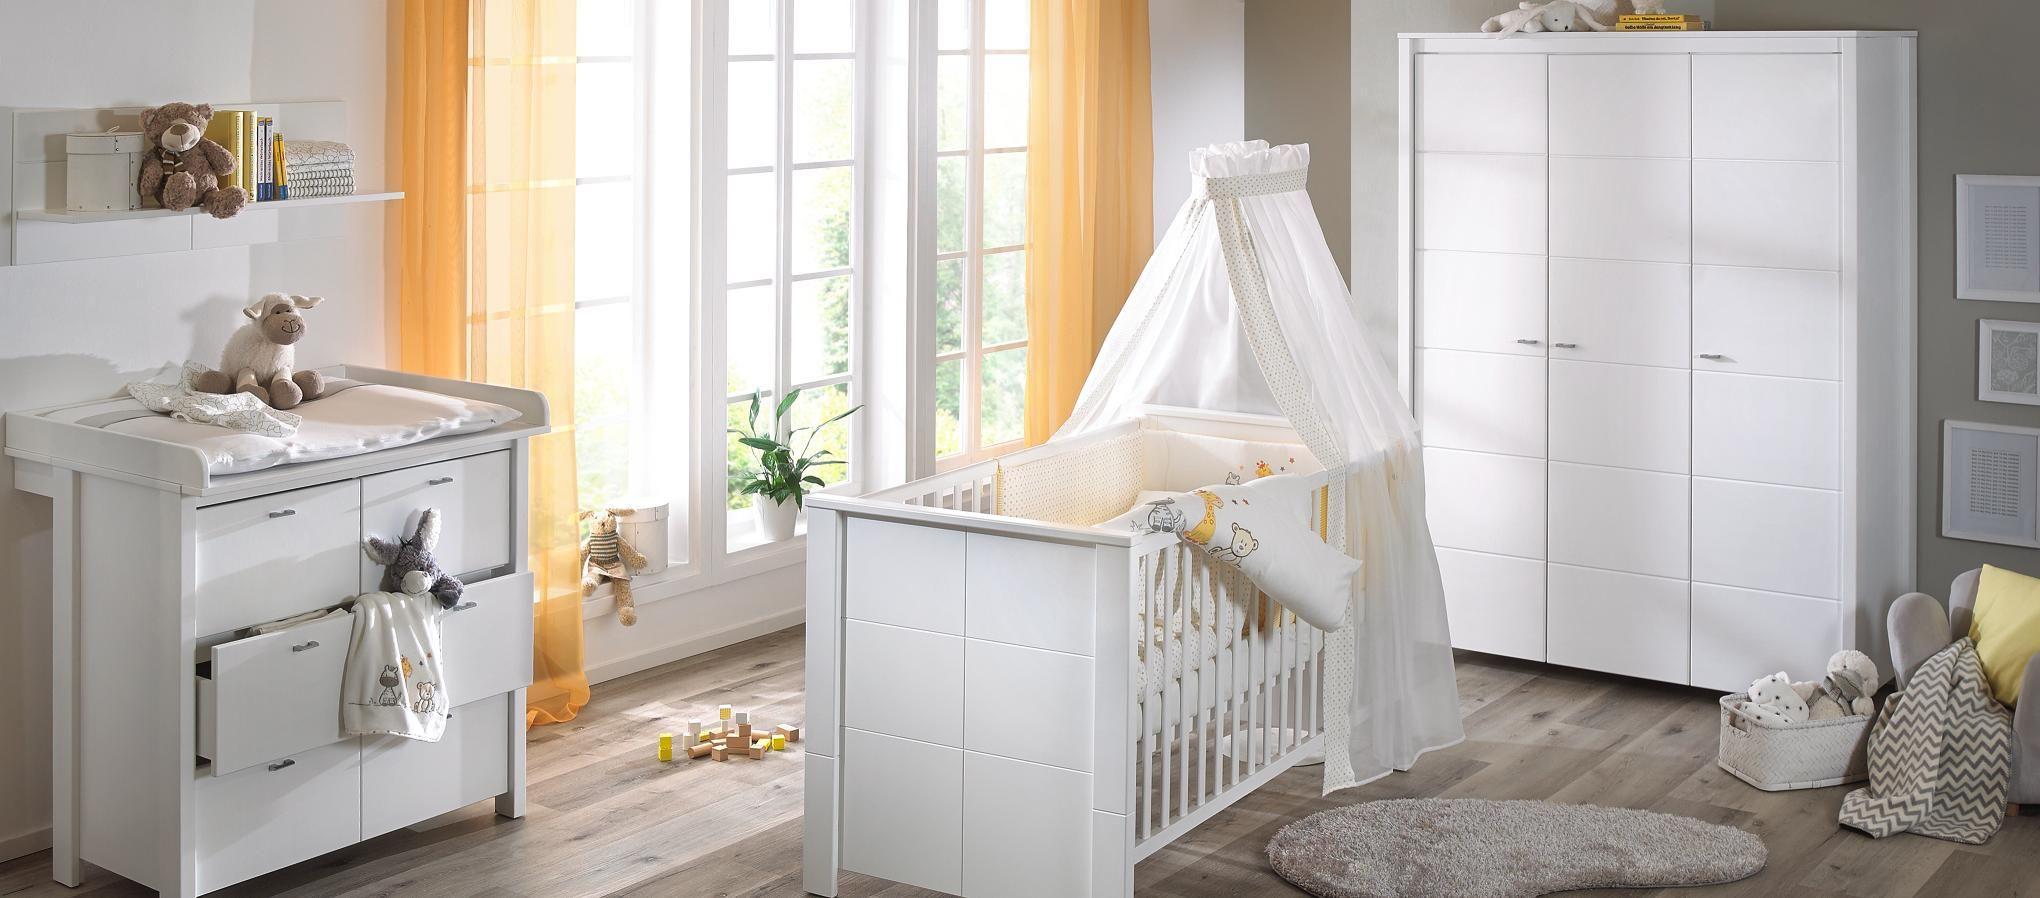 Babyzimmer julia von my baby lou baby pinterest - Babyzimmer julia ...